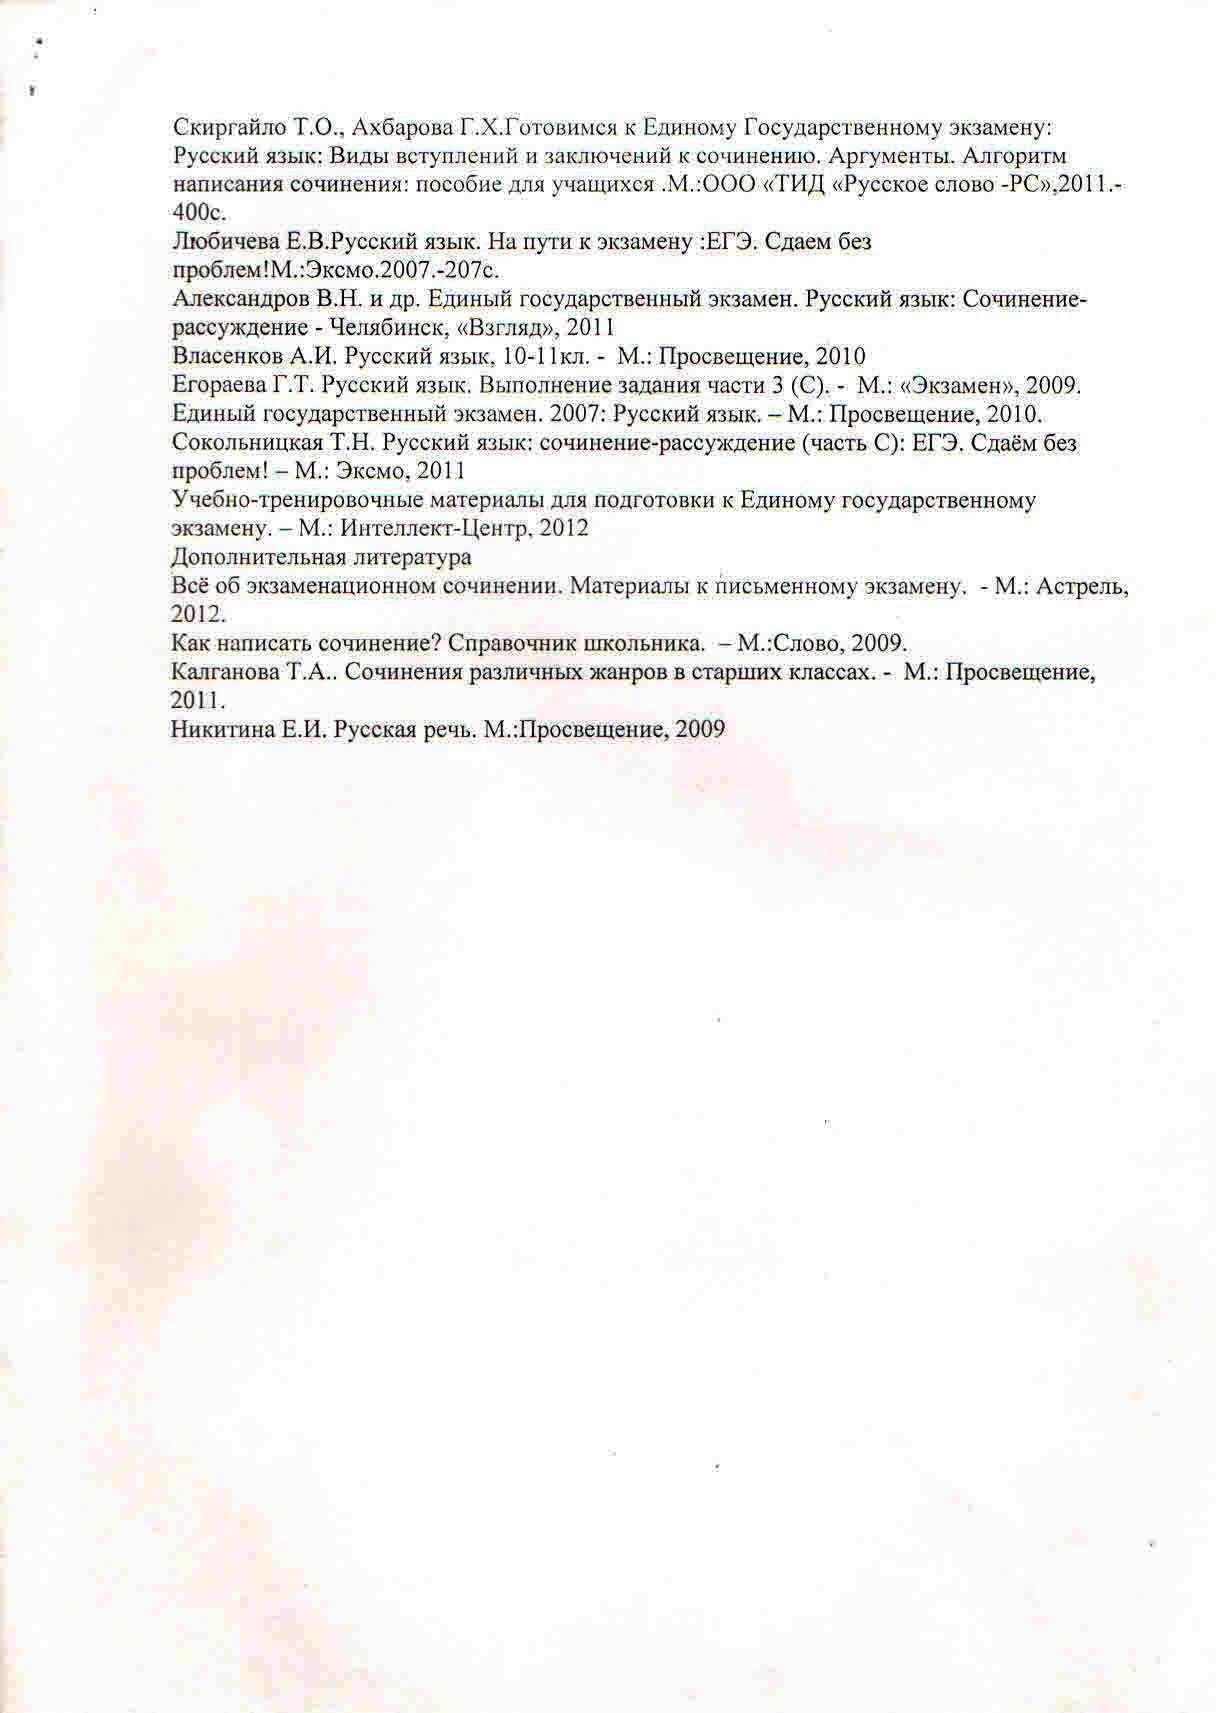 C:\Users\Татьяна\Desktop\программа факультативного курса по русскому языку Учимся писать рецензию 11 класс\15.jpg